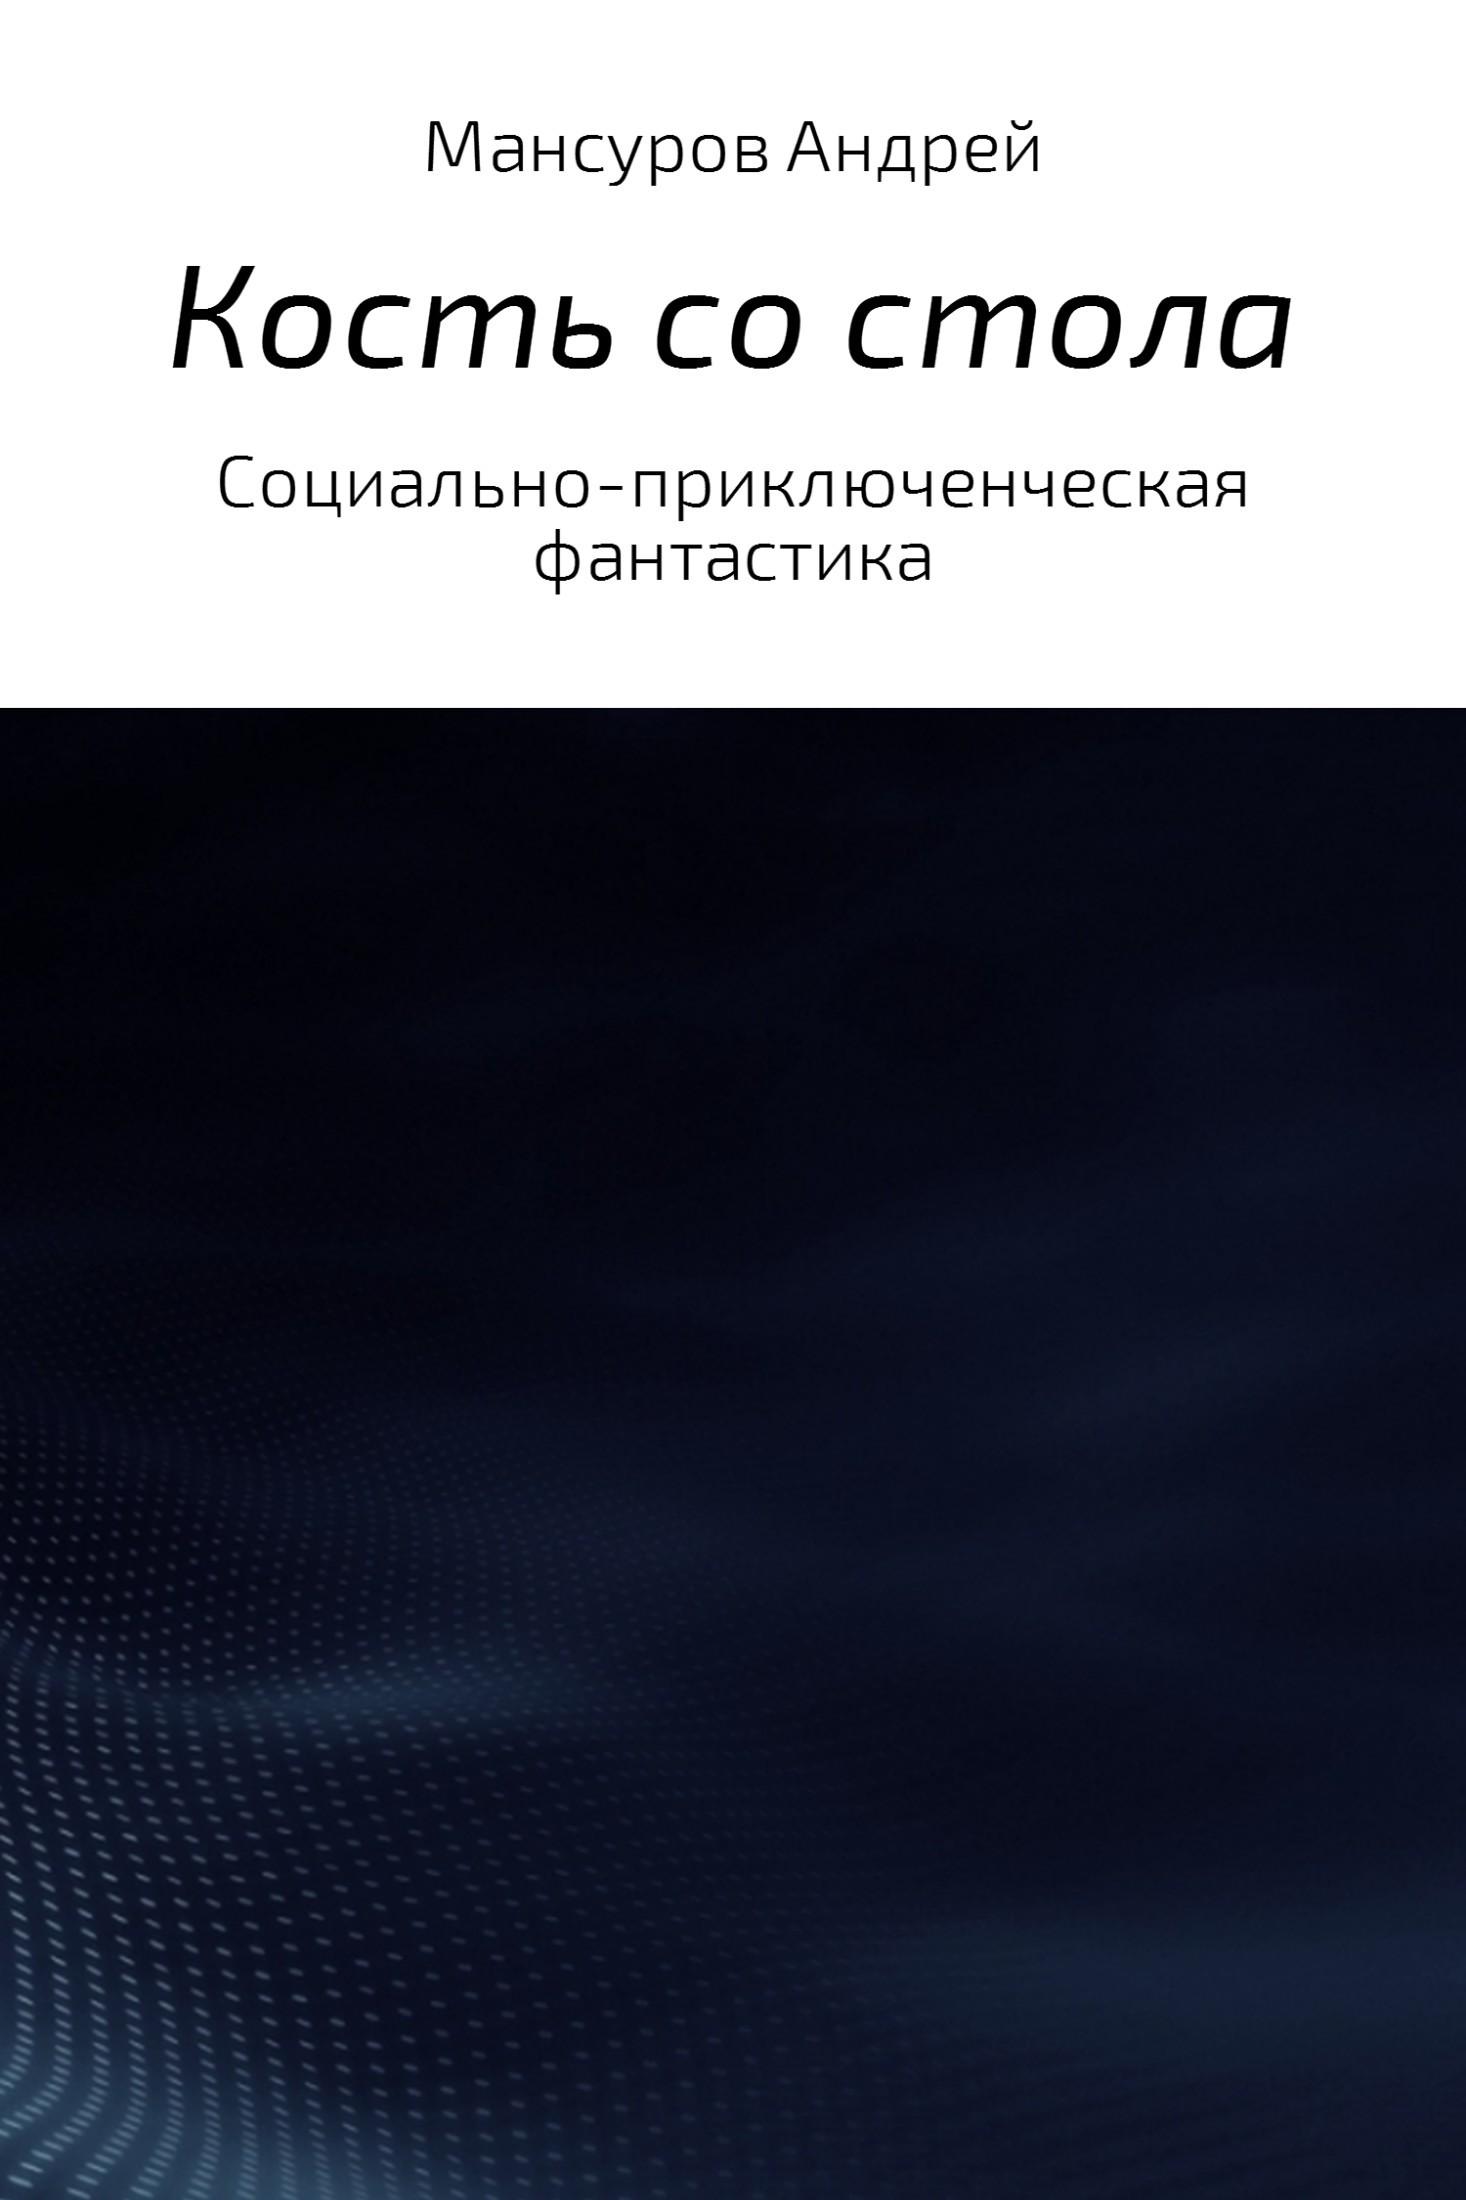 Андрей Арсланович Мансуров Кость со стола андрей арсланович мансуров конан и пришелец из другого мира